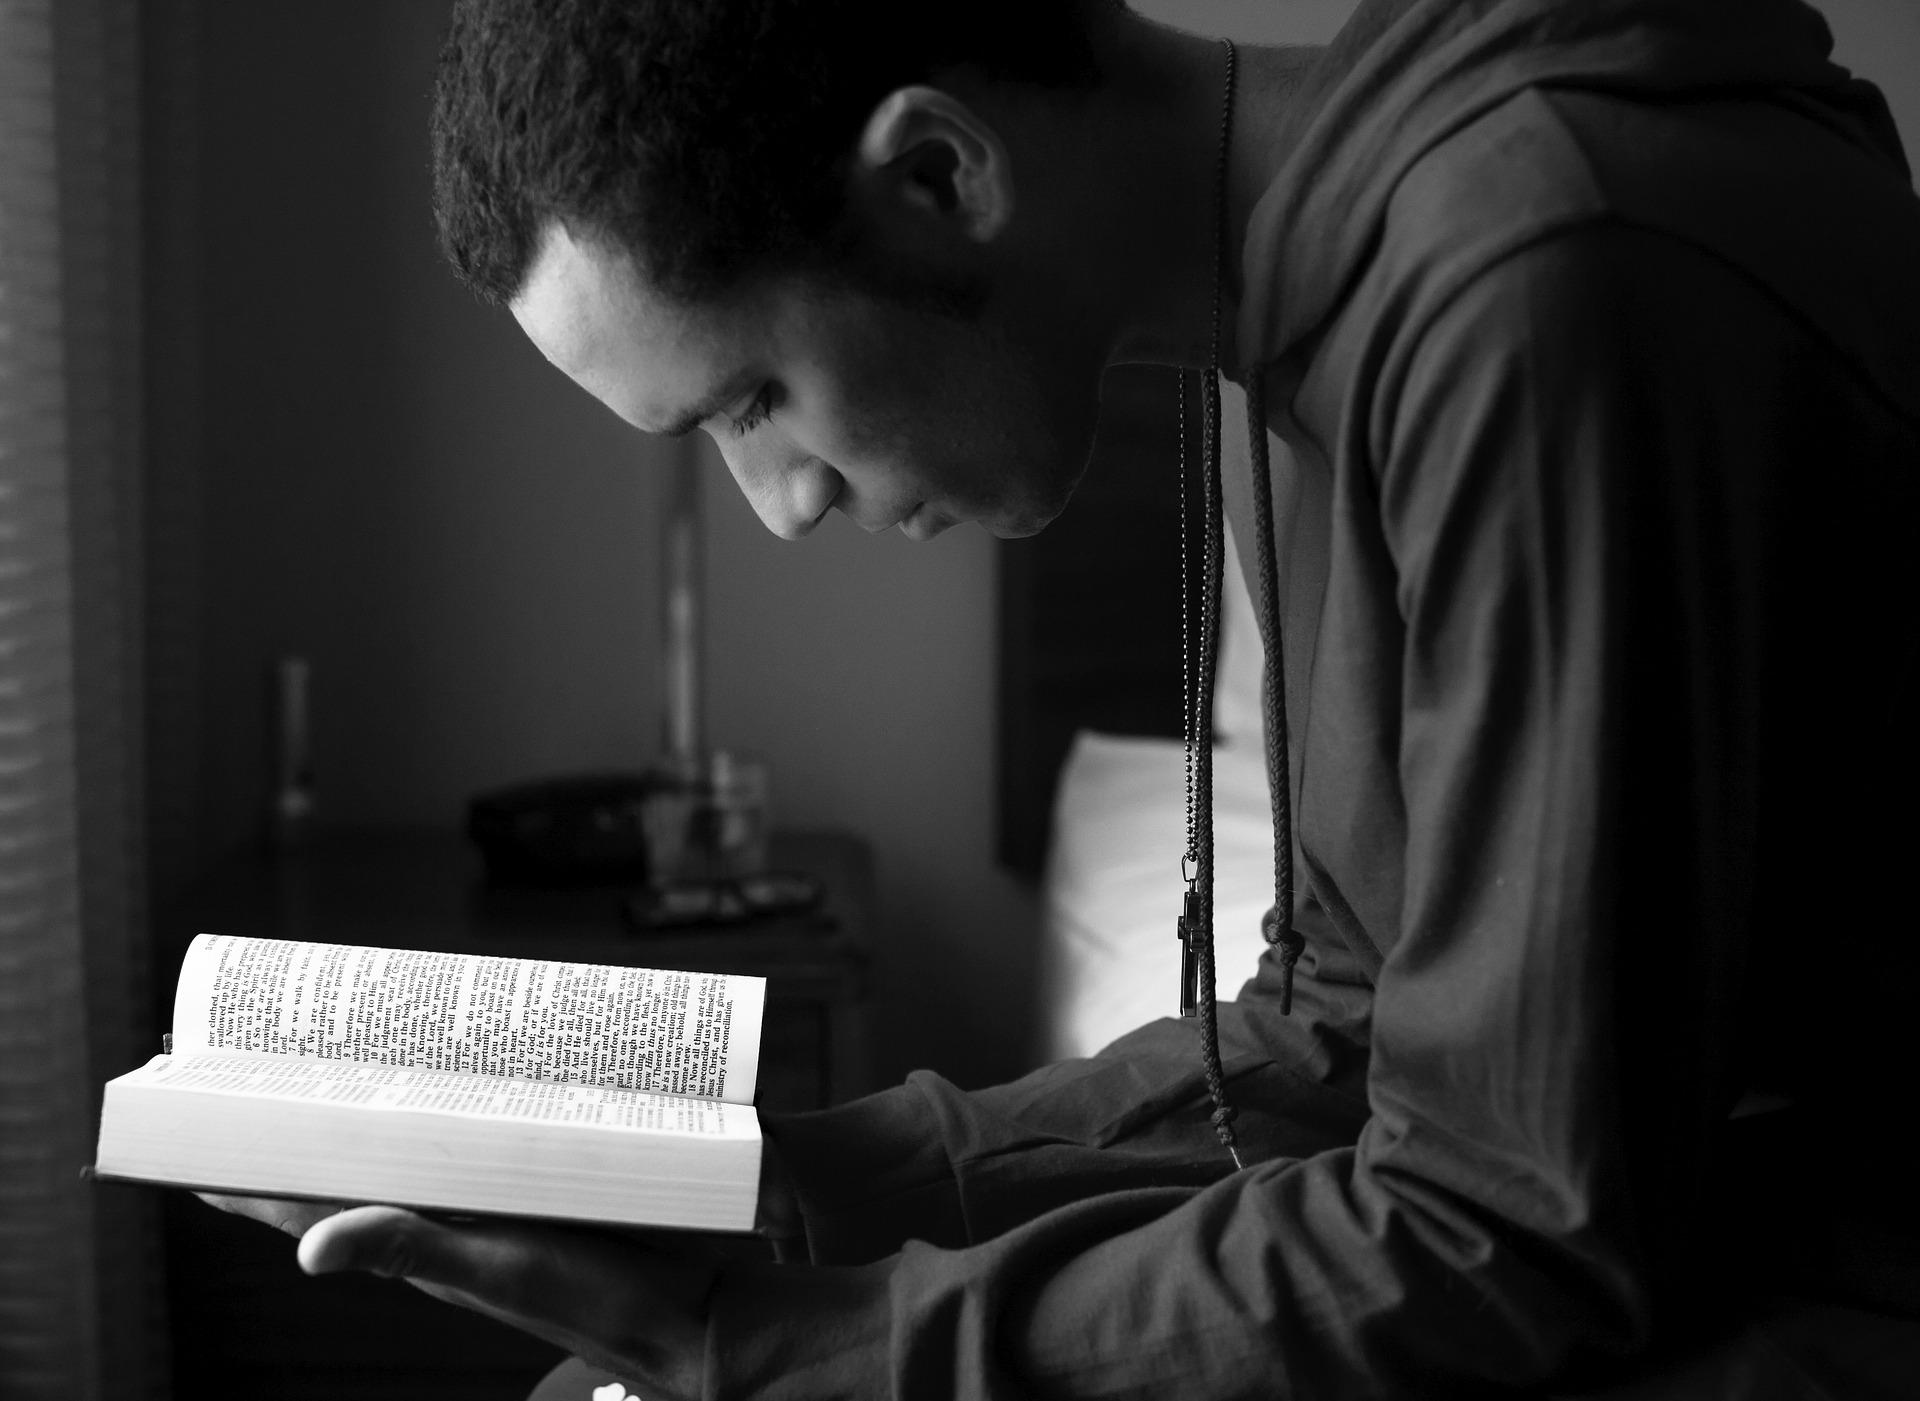 como ler livros lendo